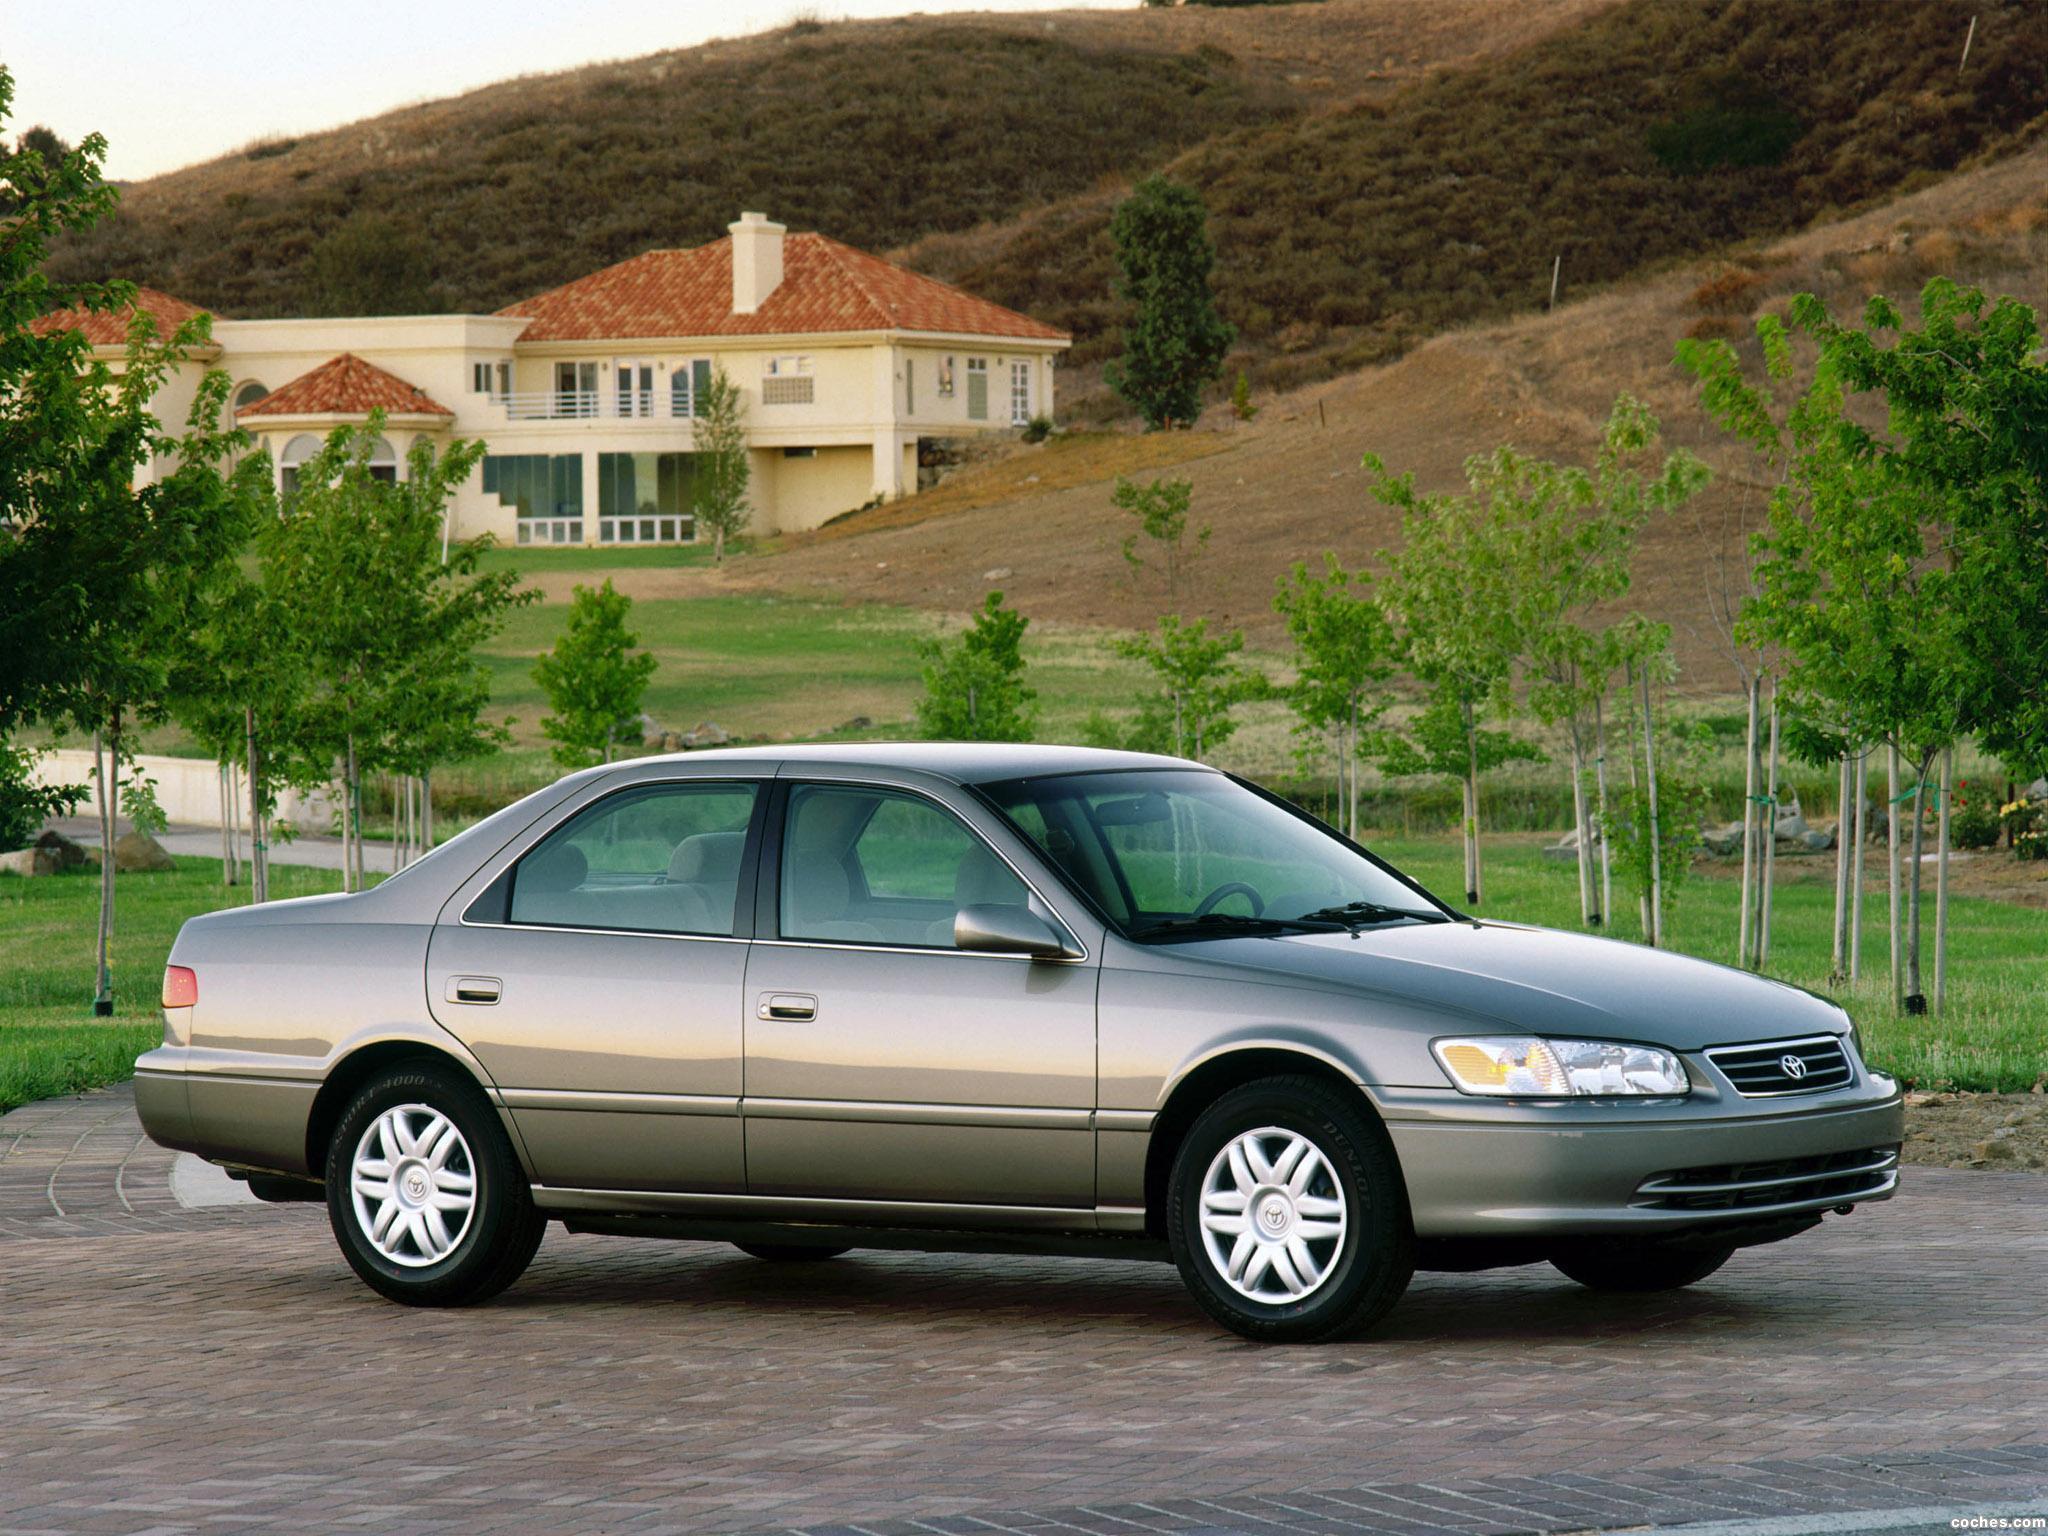 Foto 0 de Toyota Camry USA MCV21 1997